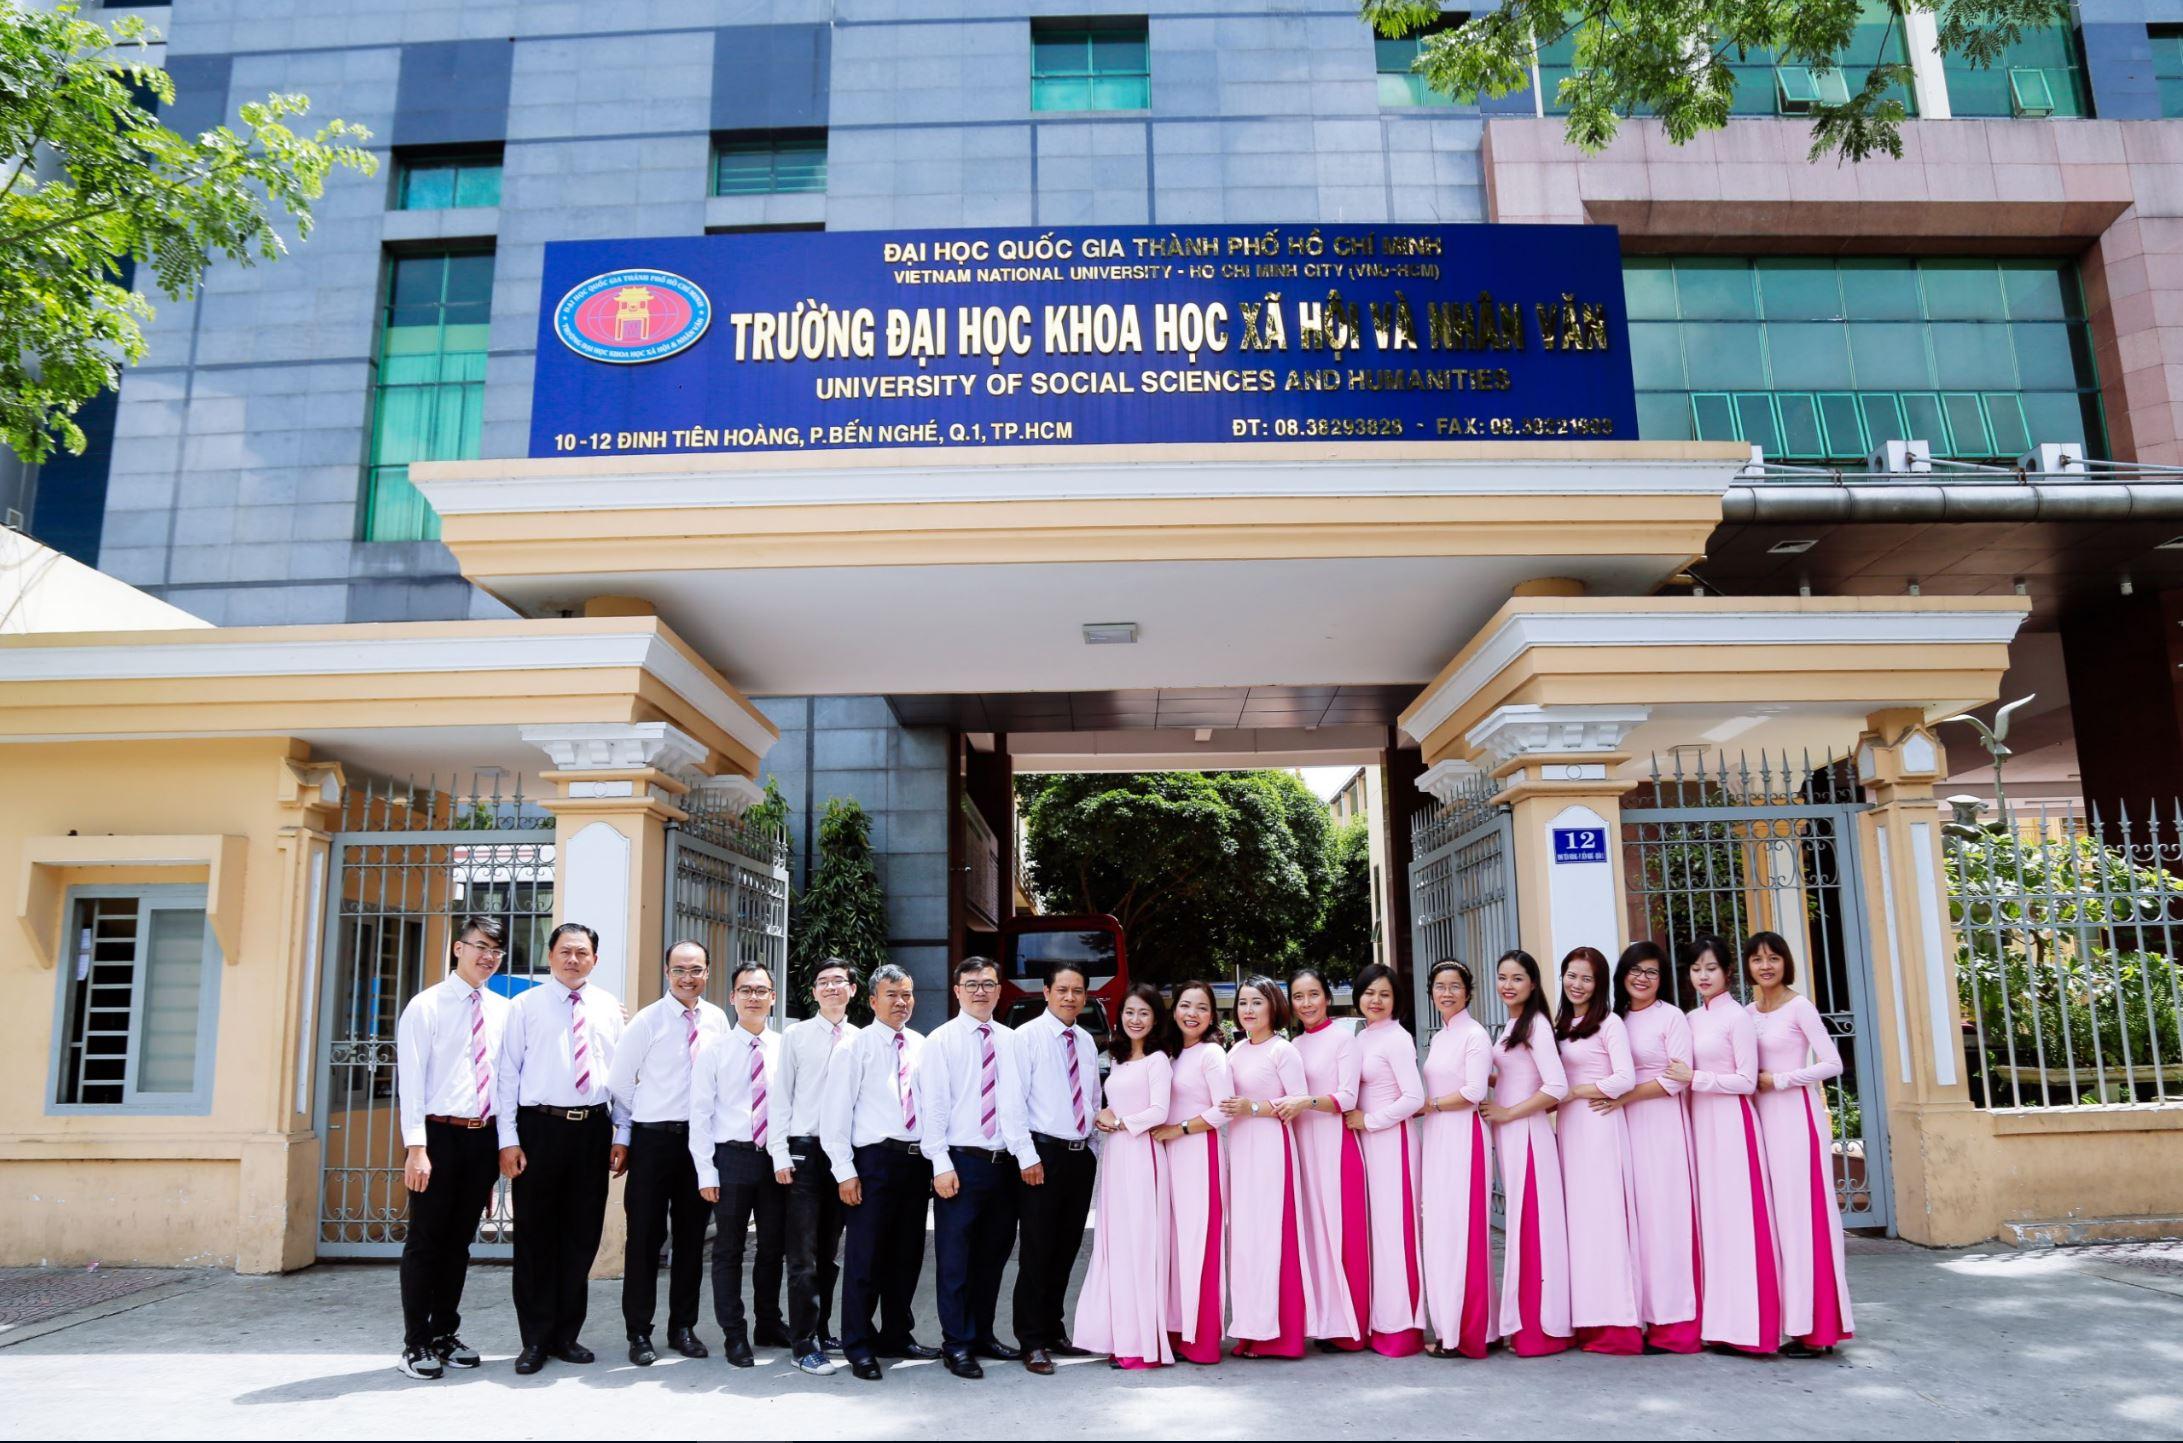 Trường Đại học Khoa học xã hội và nhân văn - Đại học Quốc gia TP Hồ Chí Minh  Thành lập vào